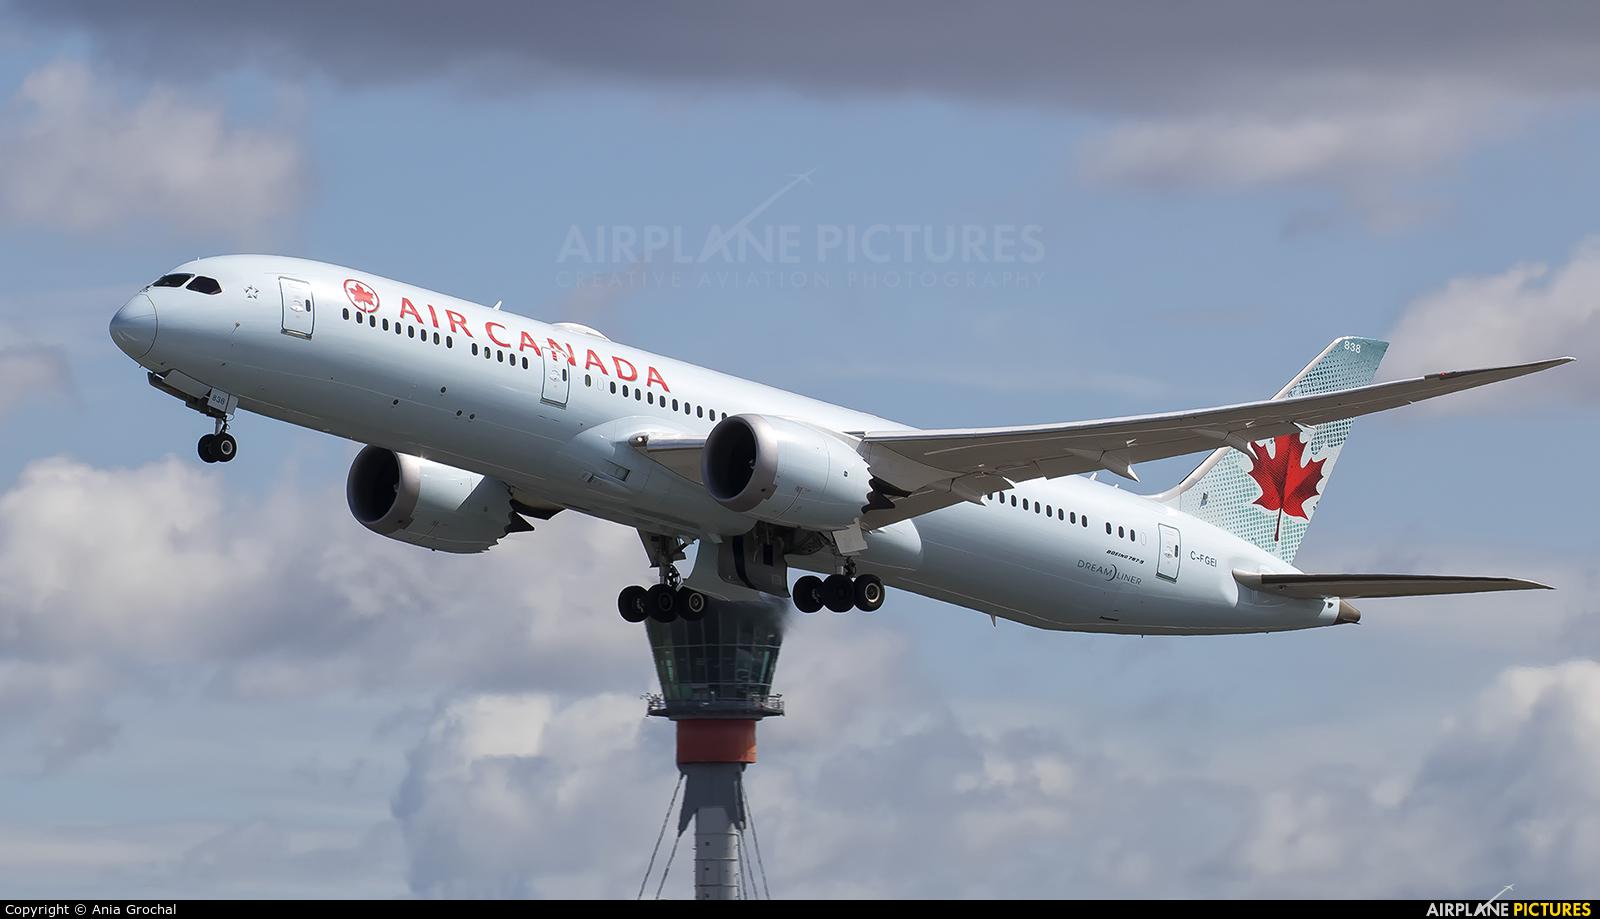 Air Canada C-FGEI aircraft at London - Heathrow